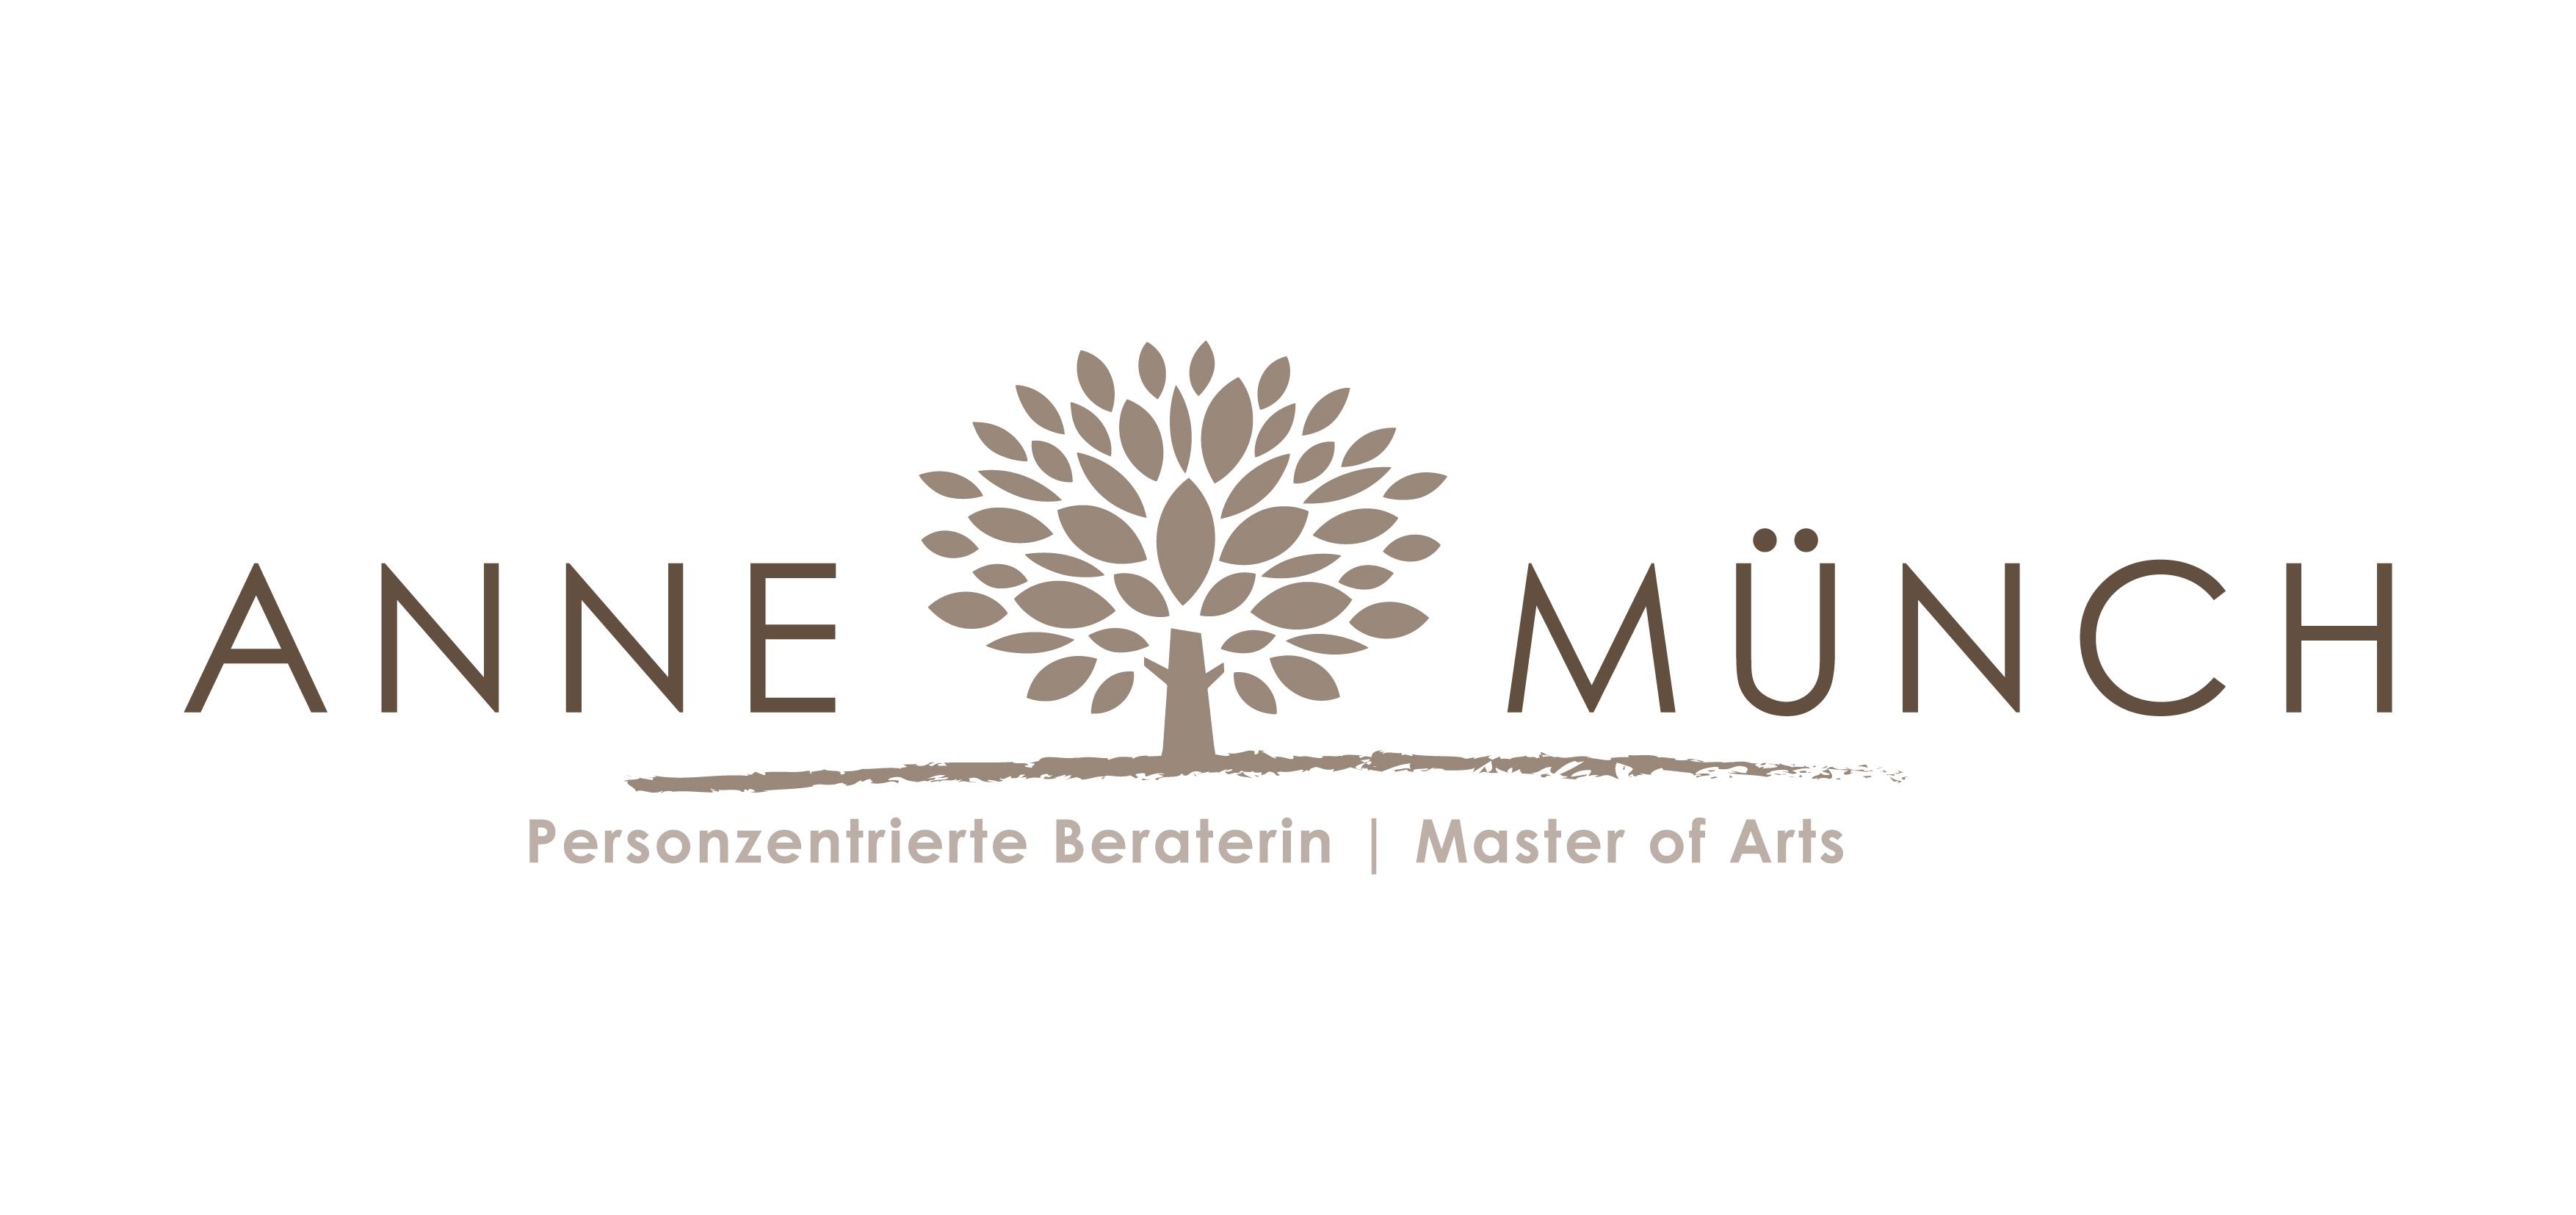 anne münch logo